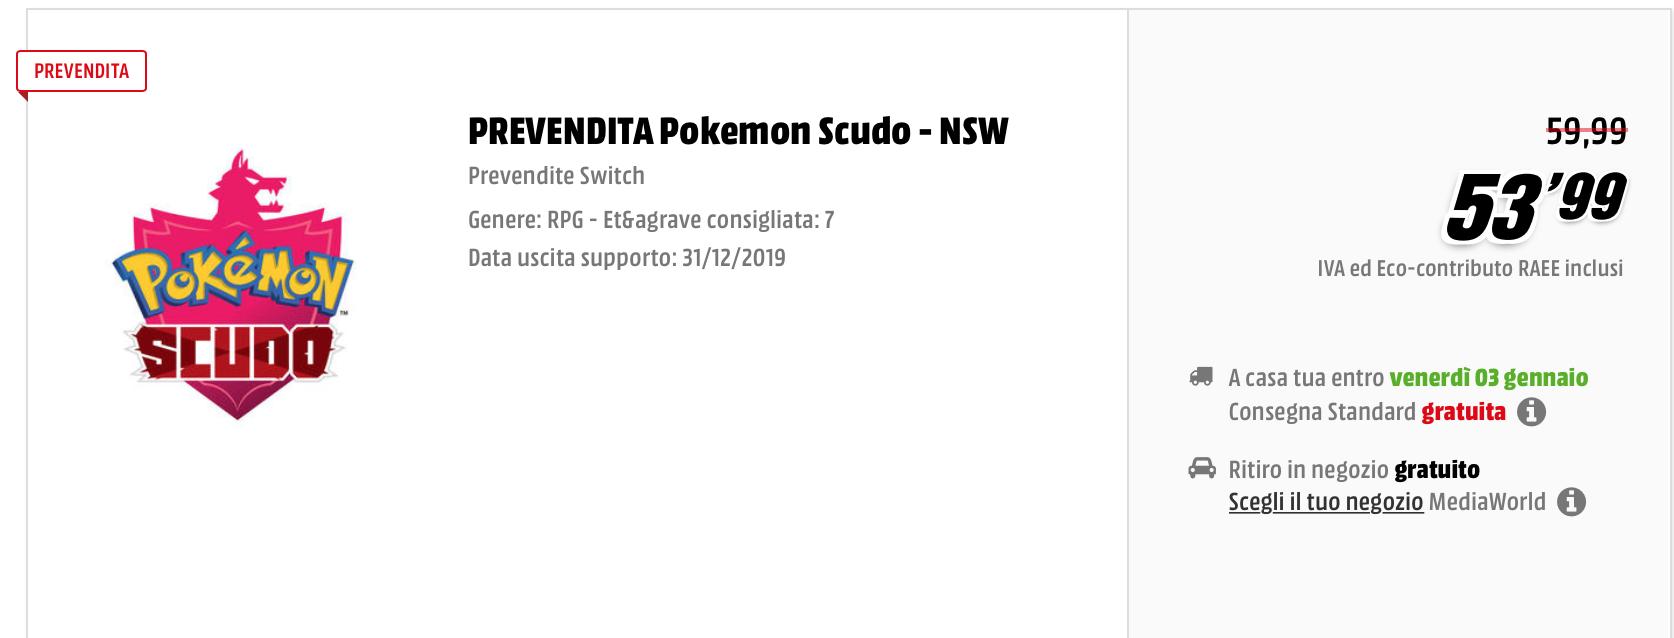 Pokémon Spada e Scudo potrebbero arrivare a dicembre 2019 secondo Mediaworld 1